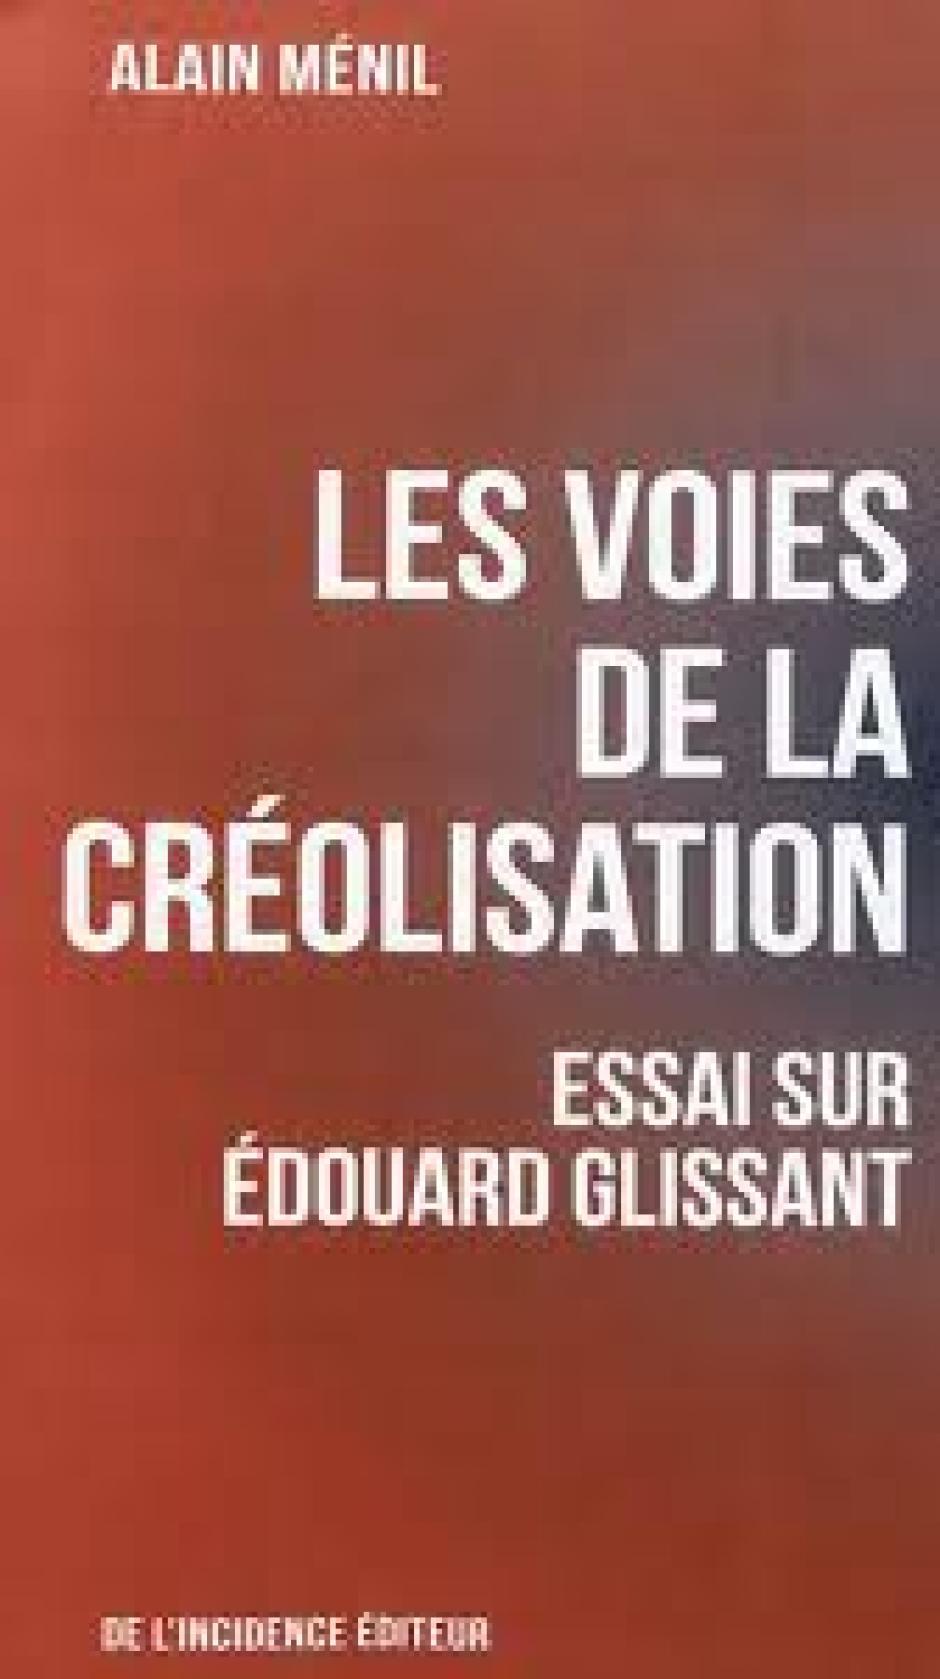 Les Voies de la créolisation, Essai sur Édouard Glissant, Alain Ménil